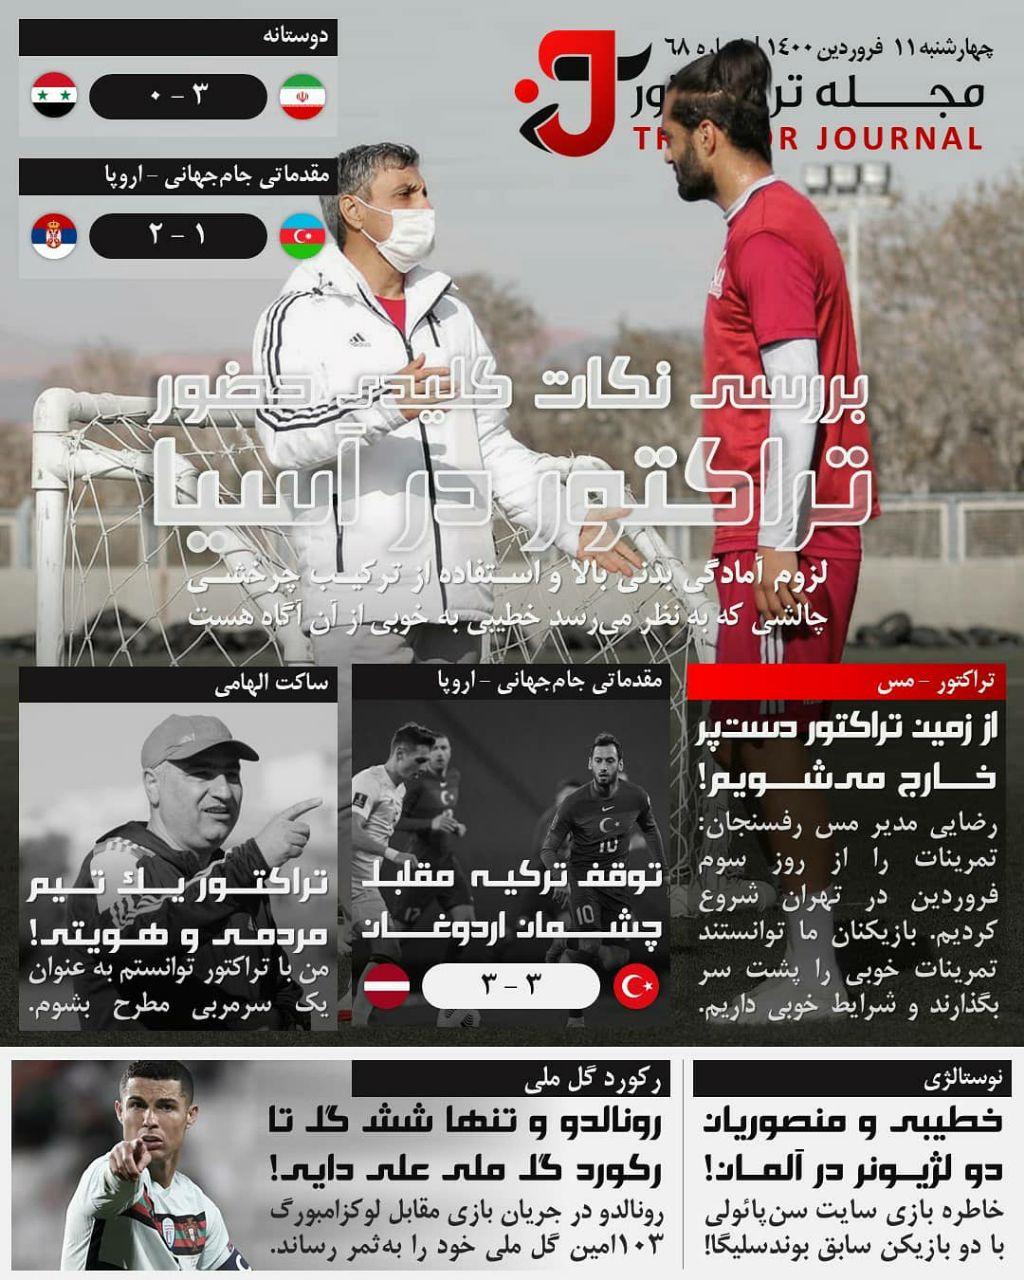 مجله تراکتور چهارشنبه 11 فروردین 1400 شماره 68